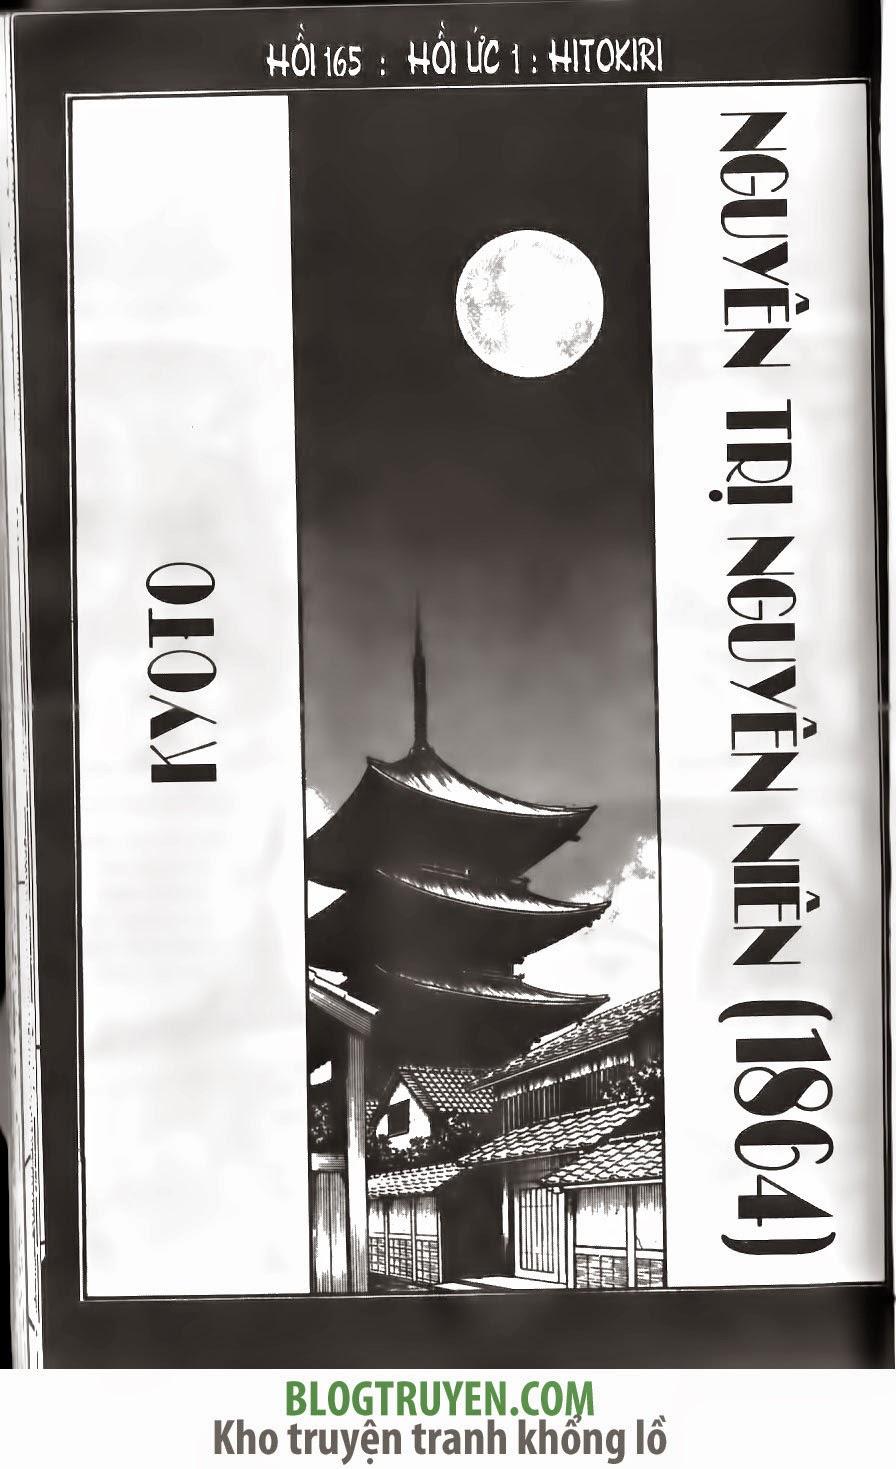 Rurouni Kenshin chap 165 trang 2